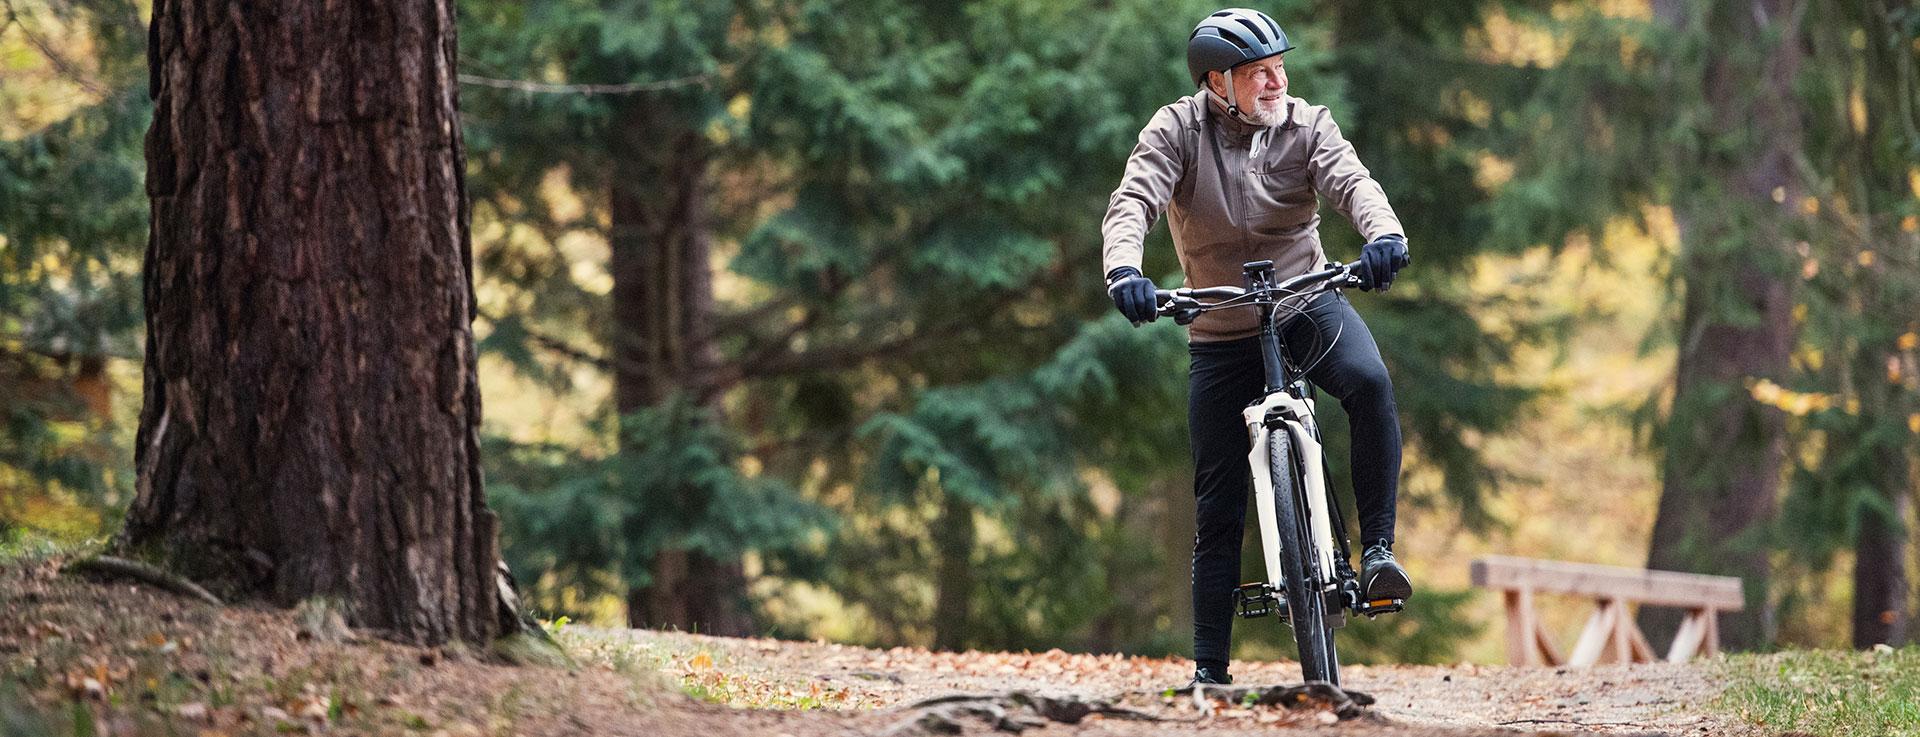 Hiking y rutas en bicicleta eléctrica